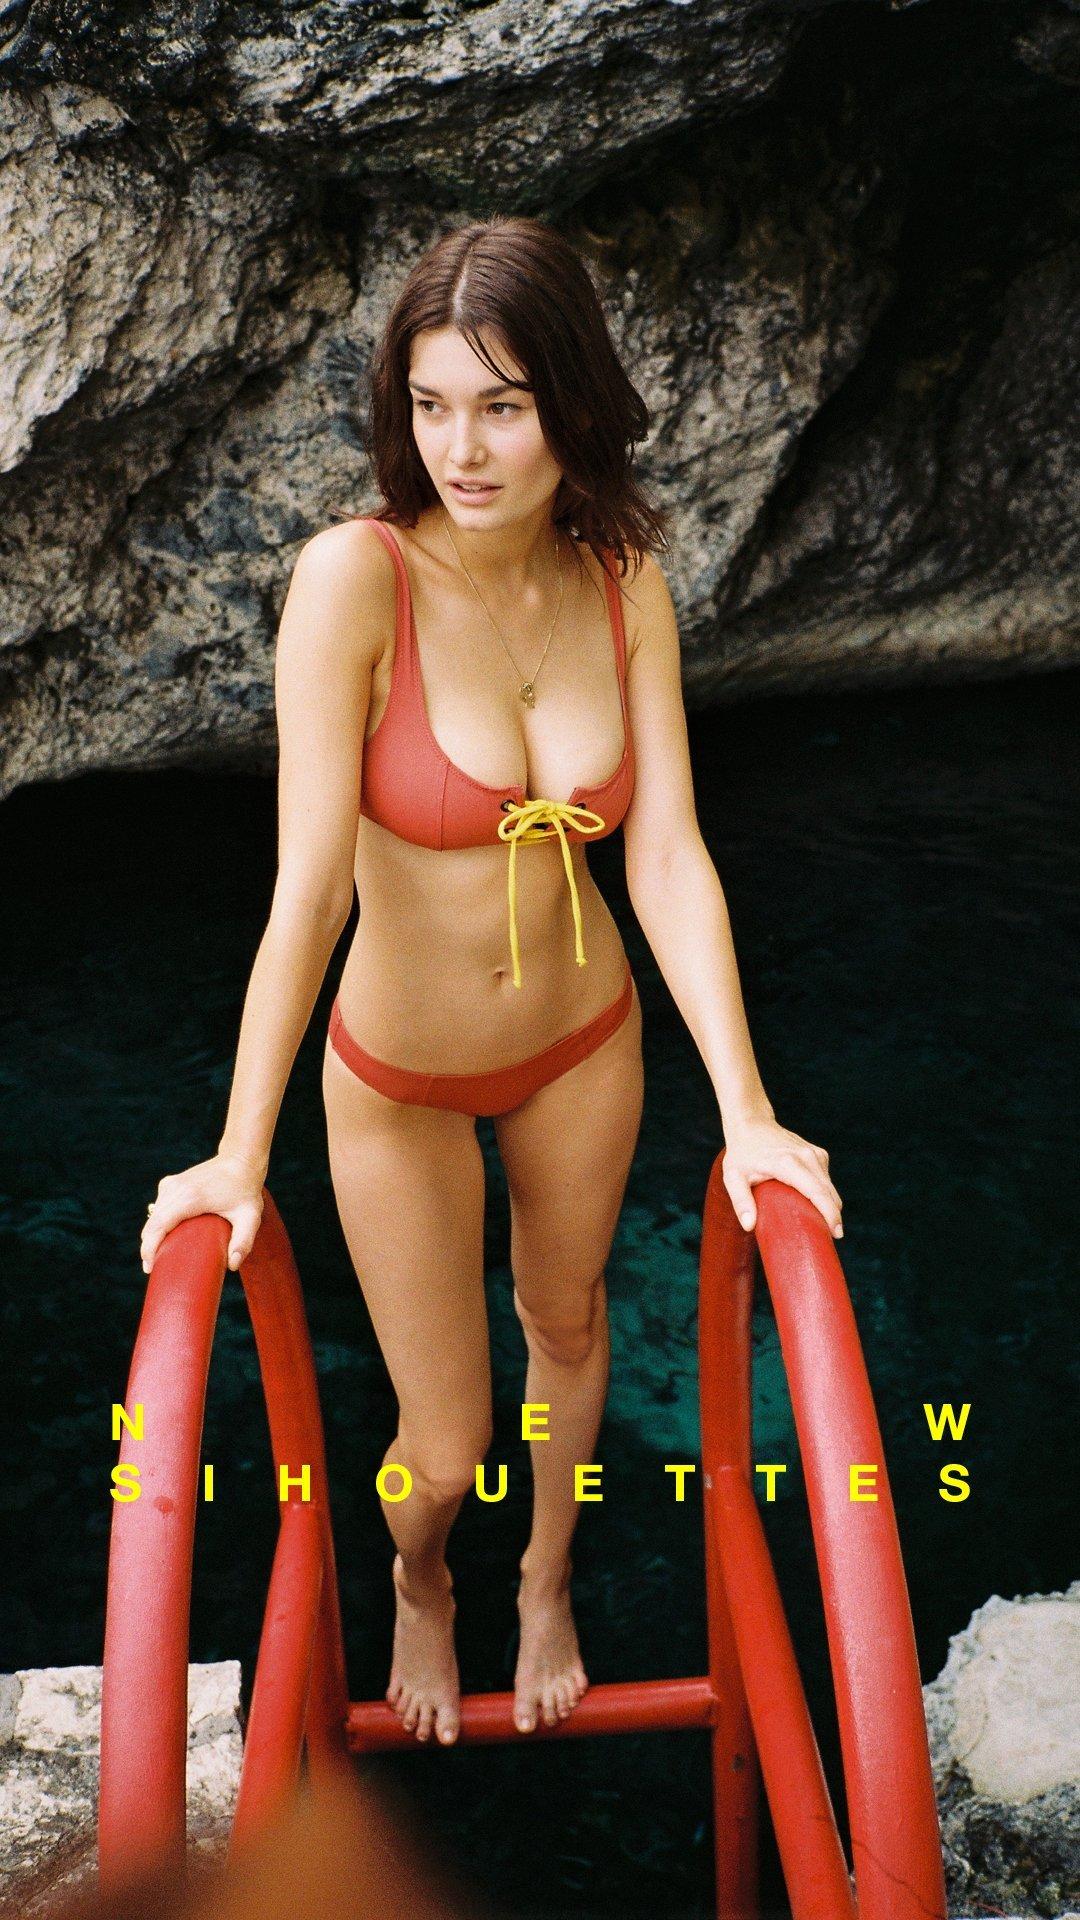 celebrity naked (63 images) Hacked, YouTube, swimsuit